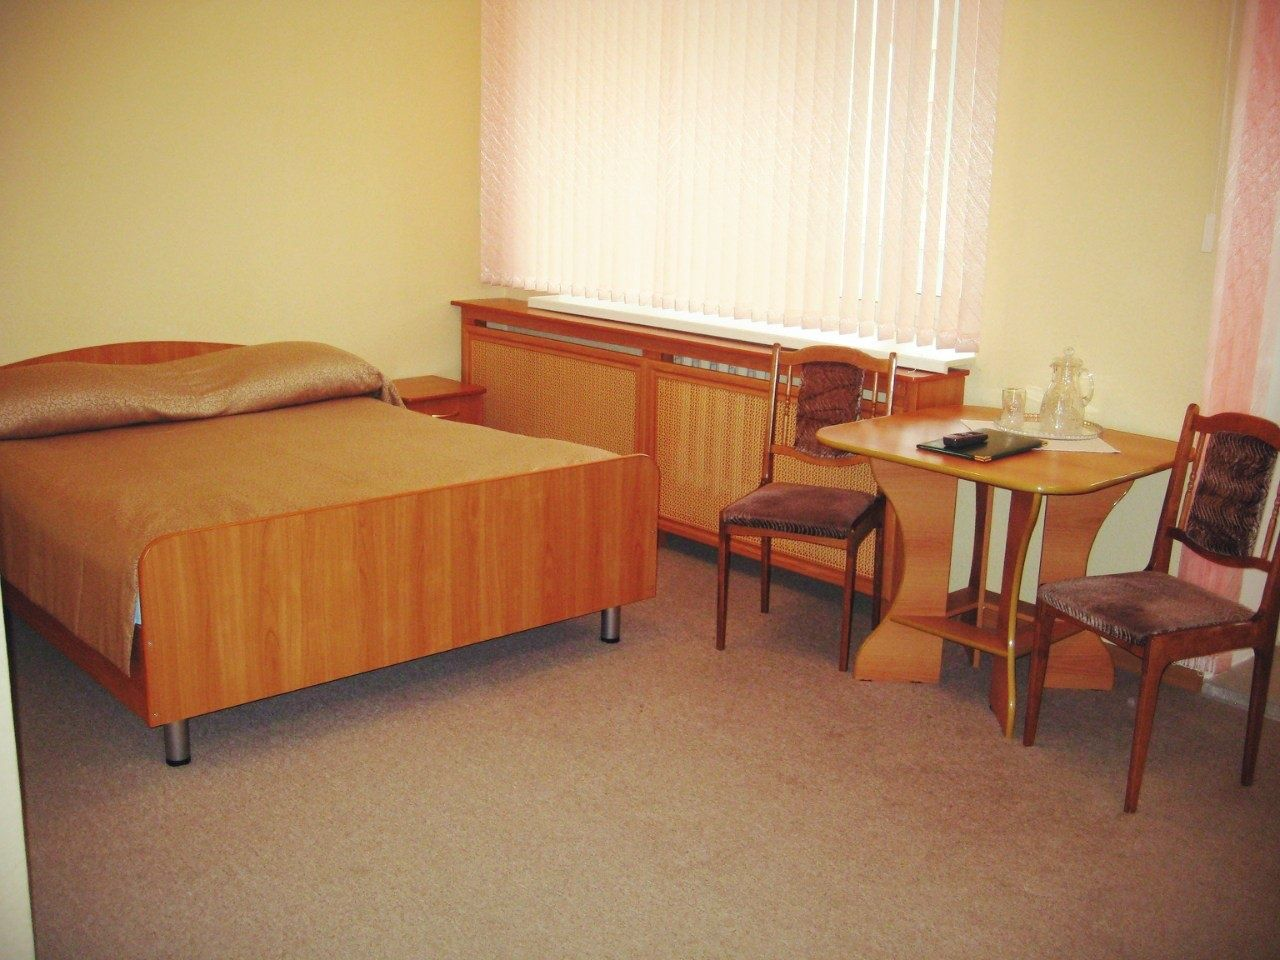 """База отдыха """"Баден-Баден Лесная сказка"""" Челябинская область Номер """"Полулюкс"""" 1-комнатный, фото 3"""